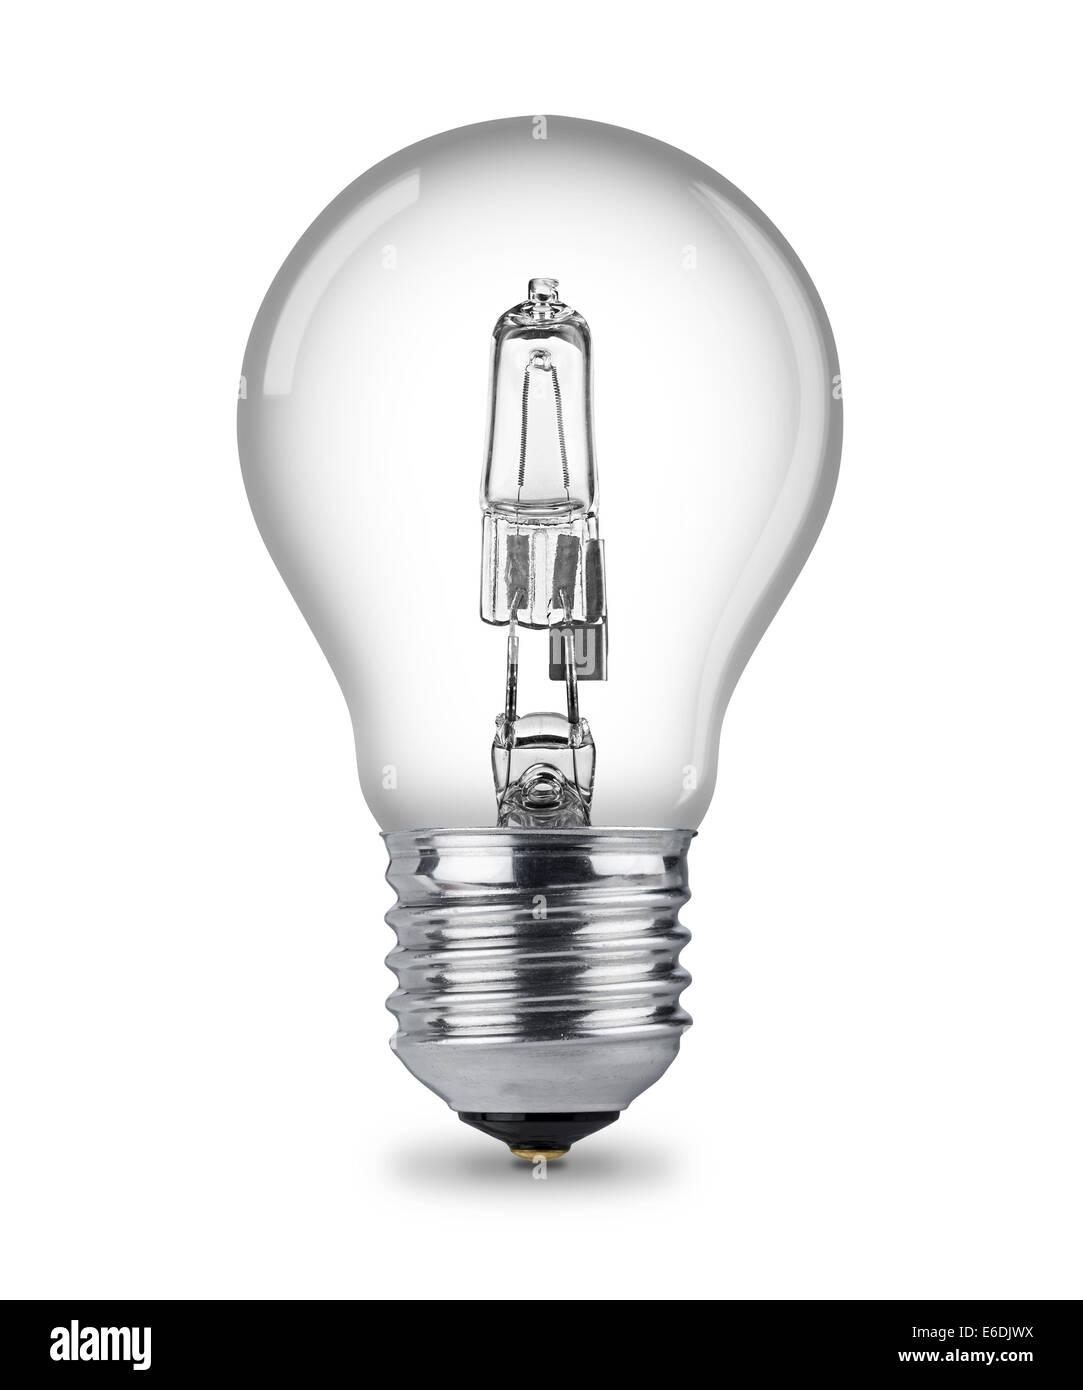 halogen light bulb - Stock Image